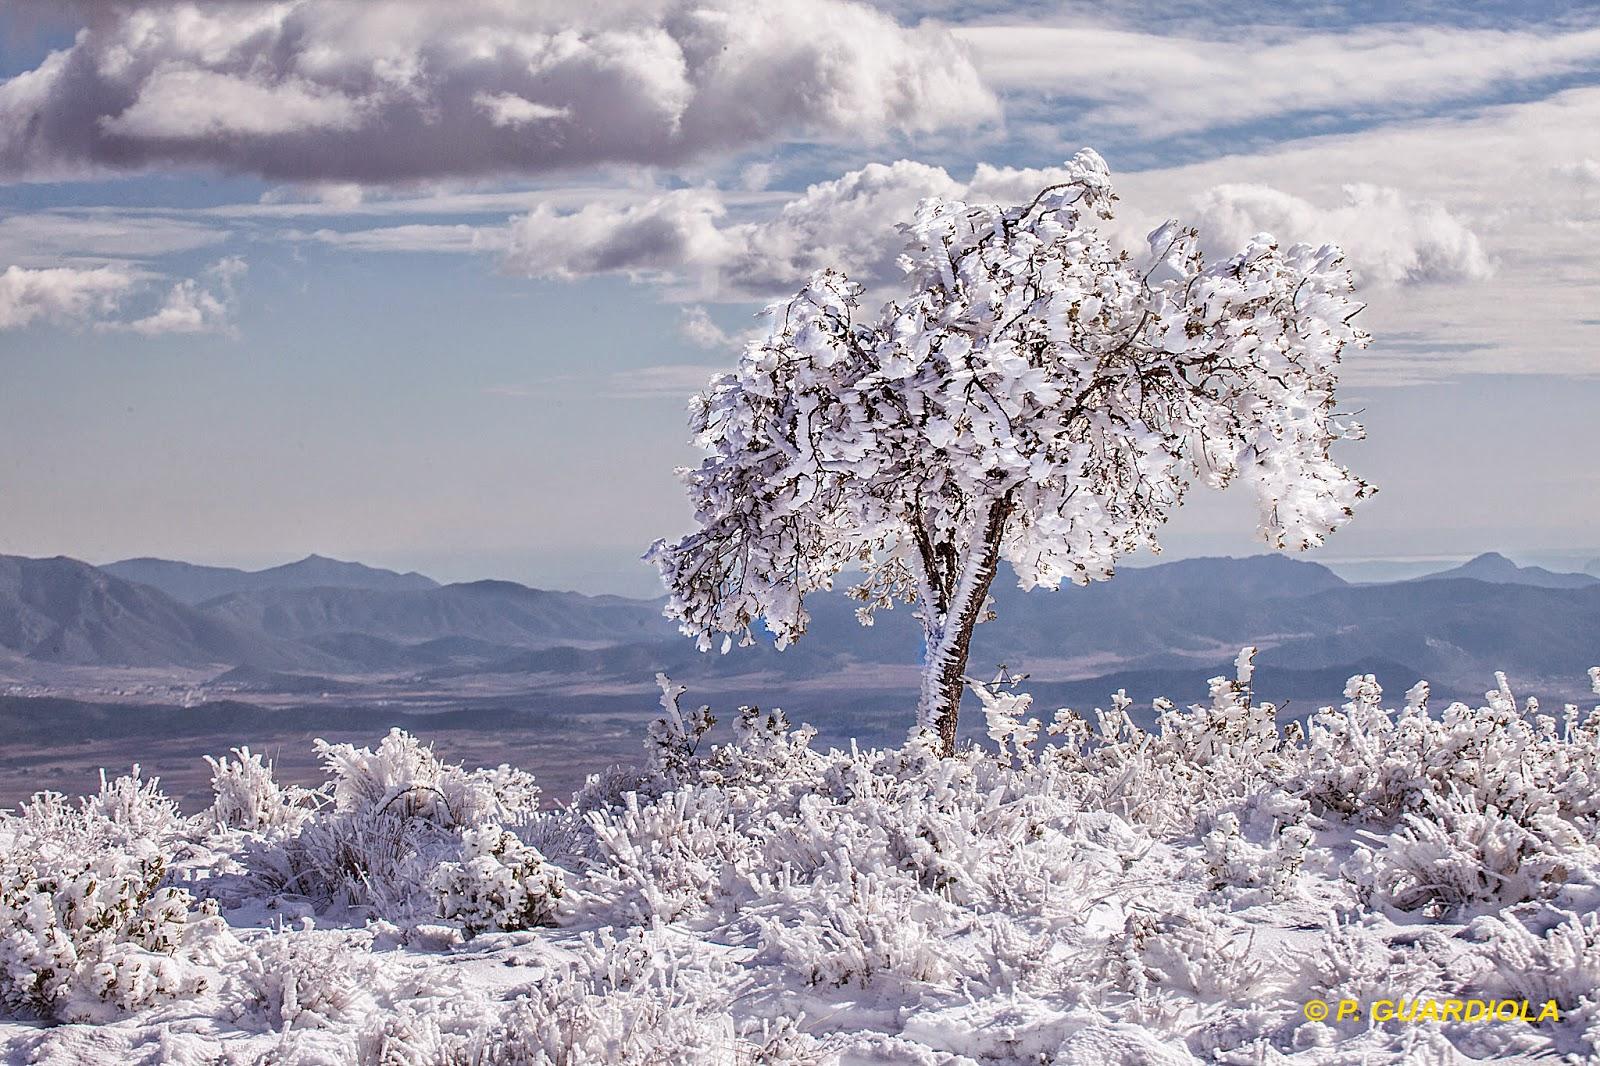 Nieve helada en el Carche, Jumilla